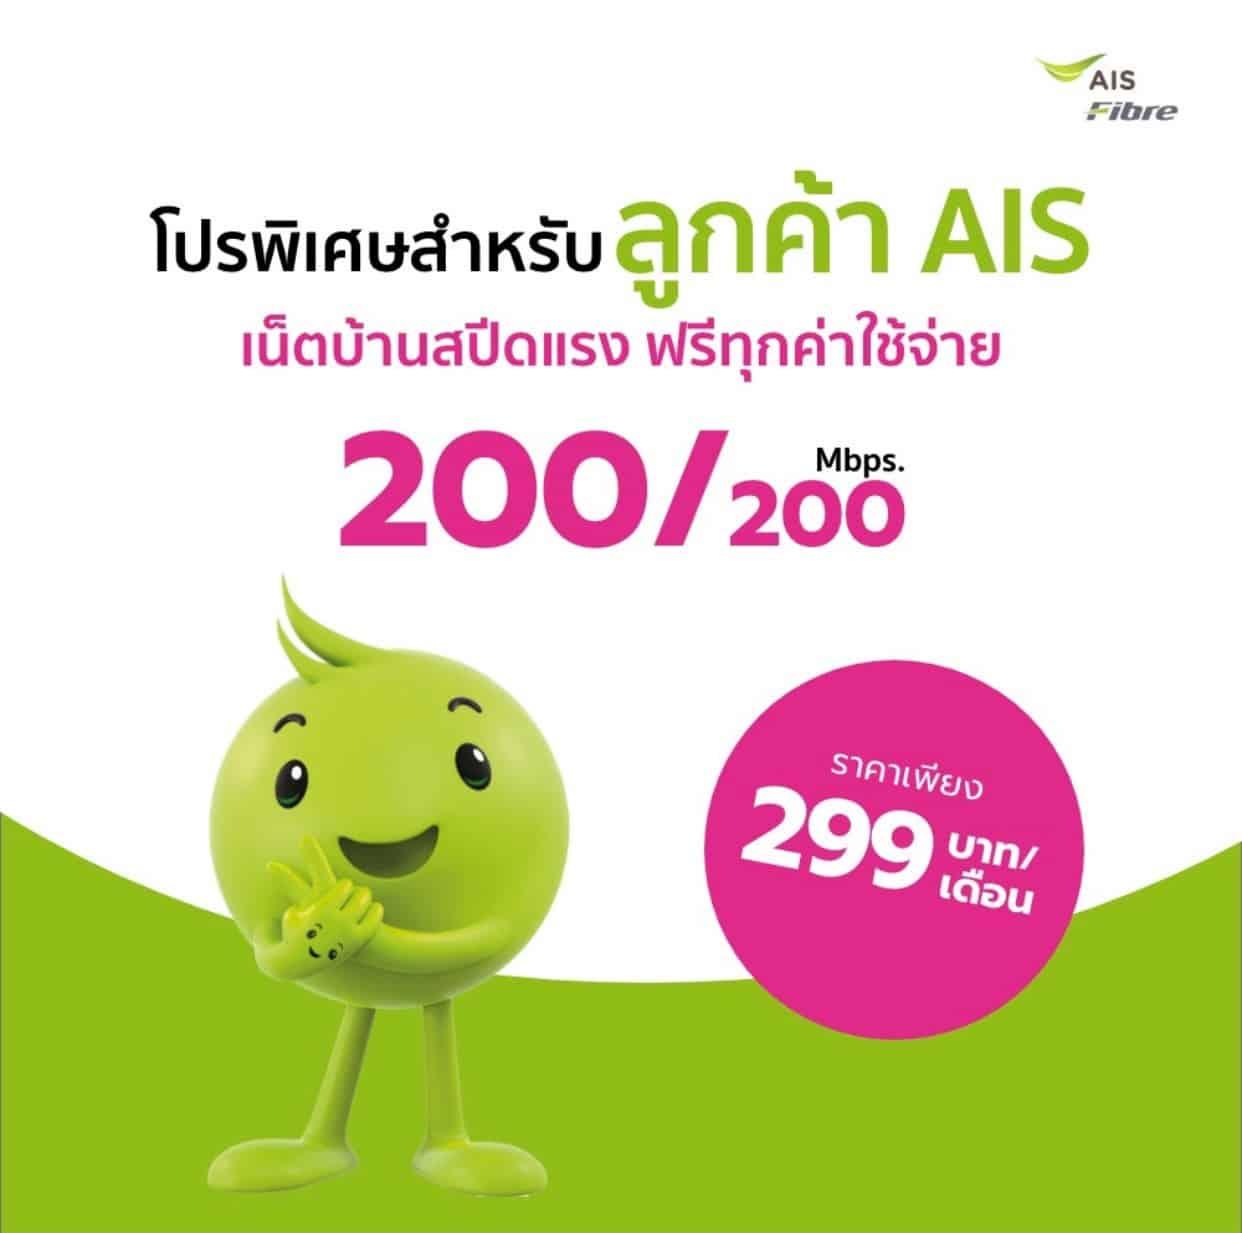 เน็ตบ้าน AIS 299 โปรพิเศษสำหรับลูกค้า AIS รายเดือน